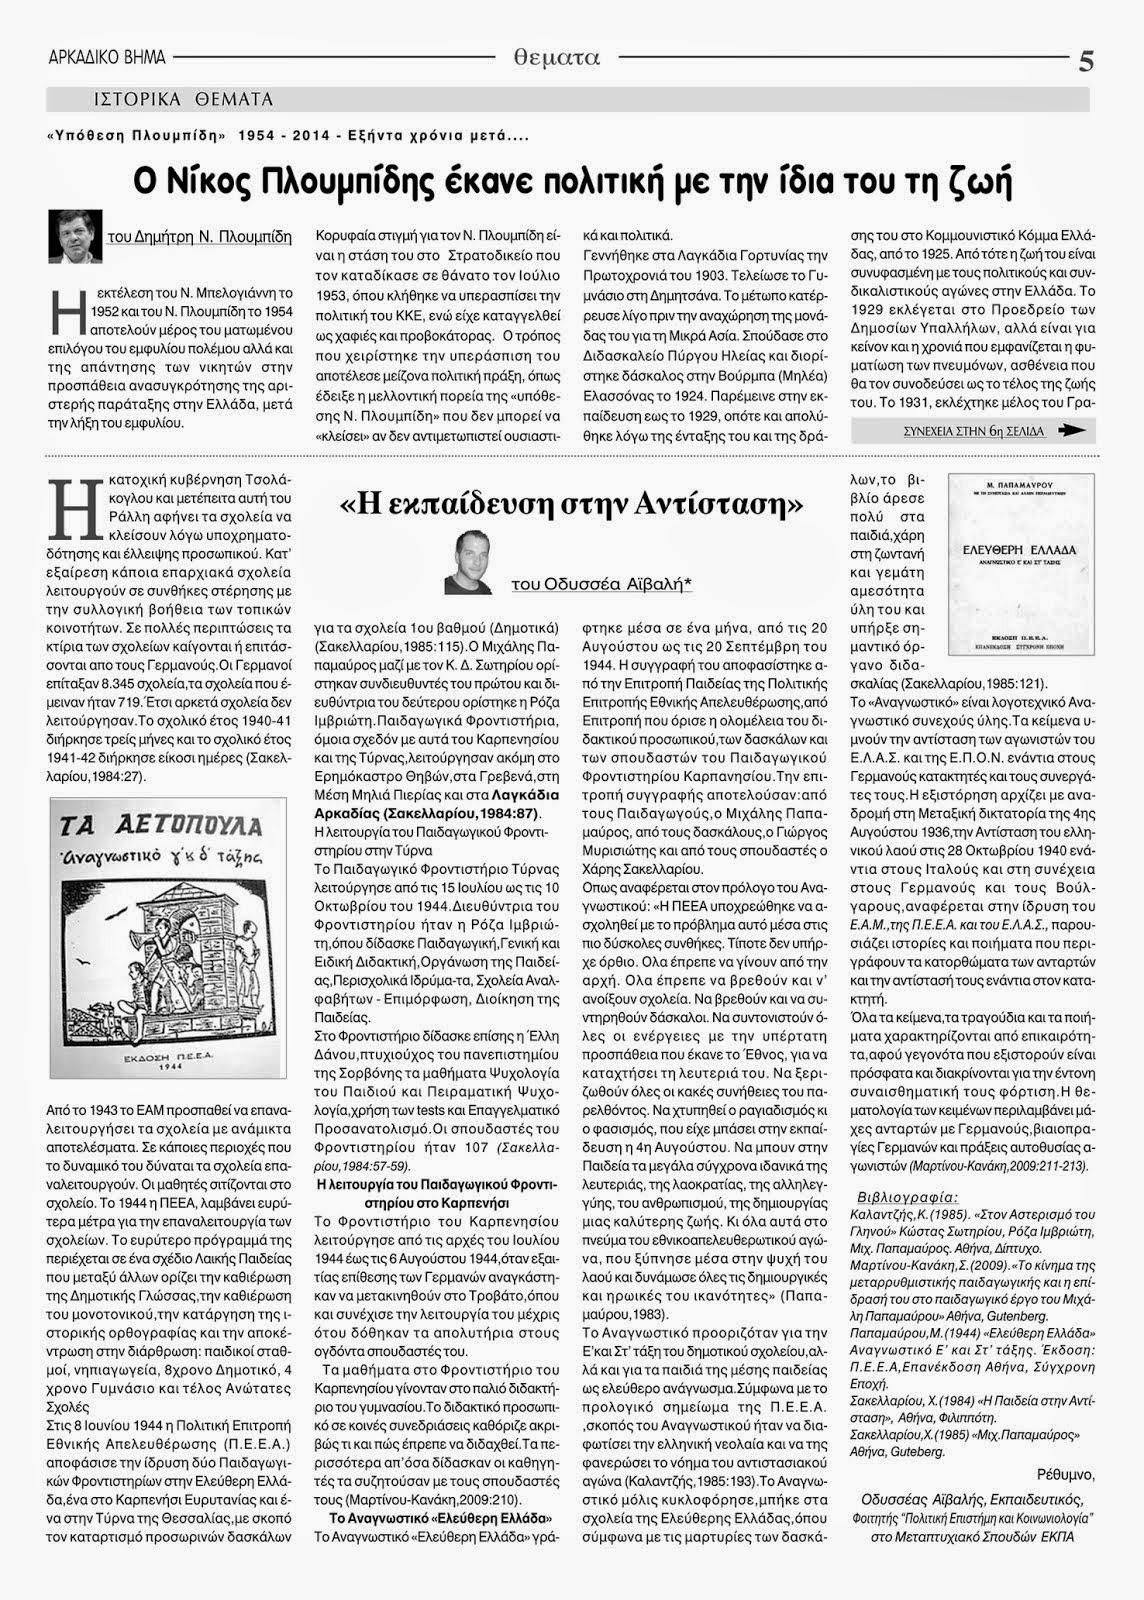 ΑρΚΑΔΙΚΟ ΒΗΜΑ - Υπόθεση Πλουμπίδη  (1954-2014) 60 χρόνια μετά...